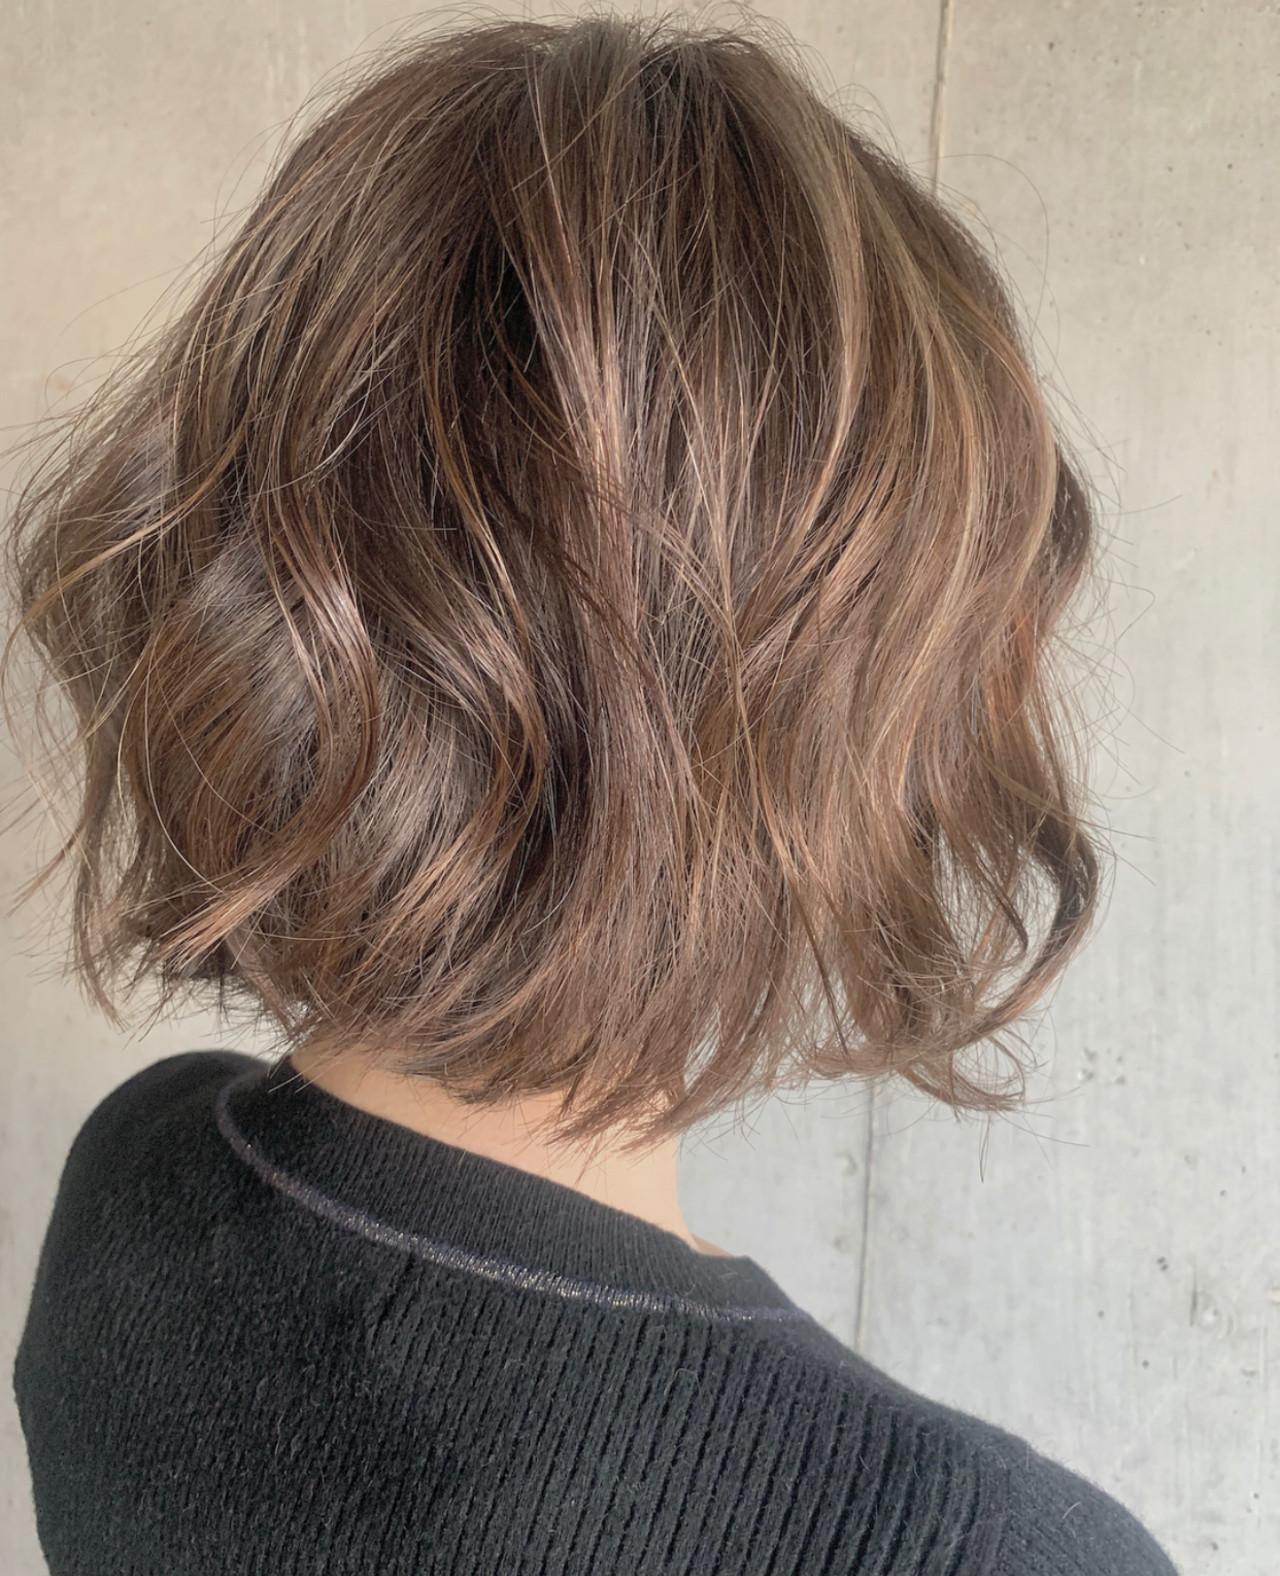 フェミニン ハイライト コテ巻き ゆるふわセット ヘアスタイルや髪型の写真・画像